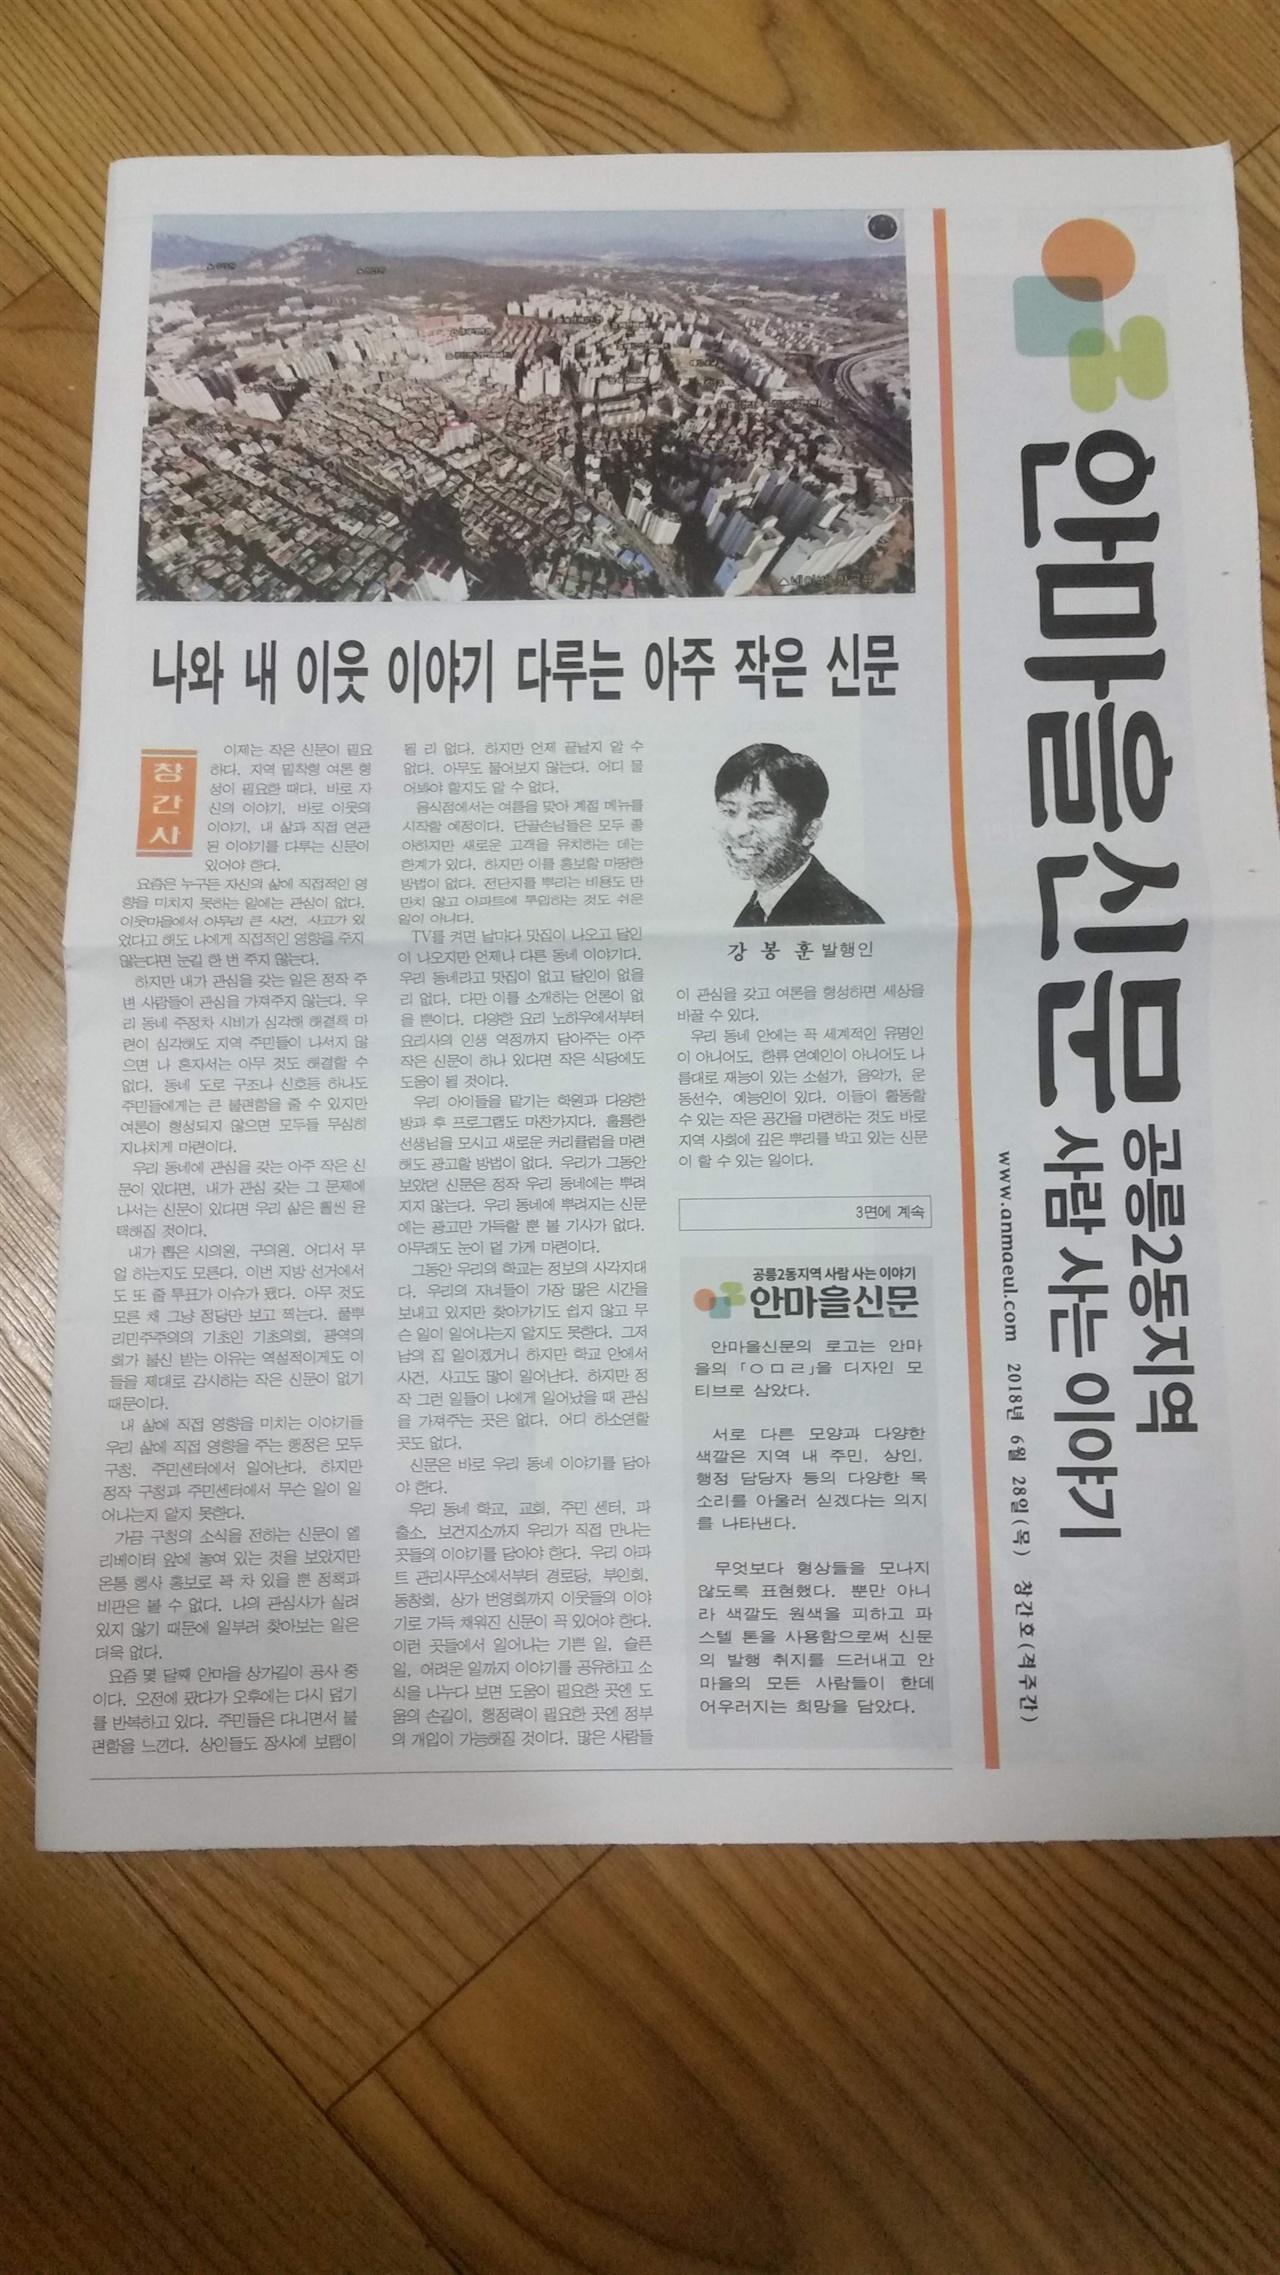 안마을신문 창간호 지난 6월 28일자로 안마을신문 창간호가 나왔습니다.